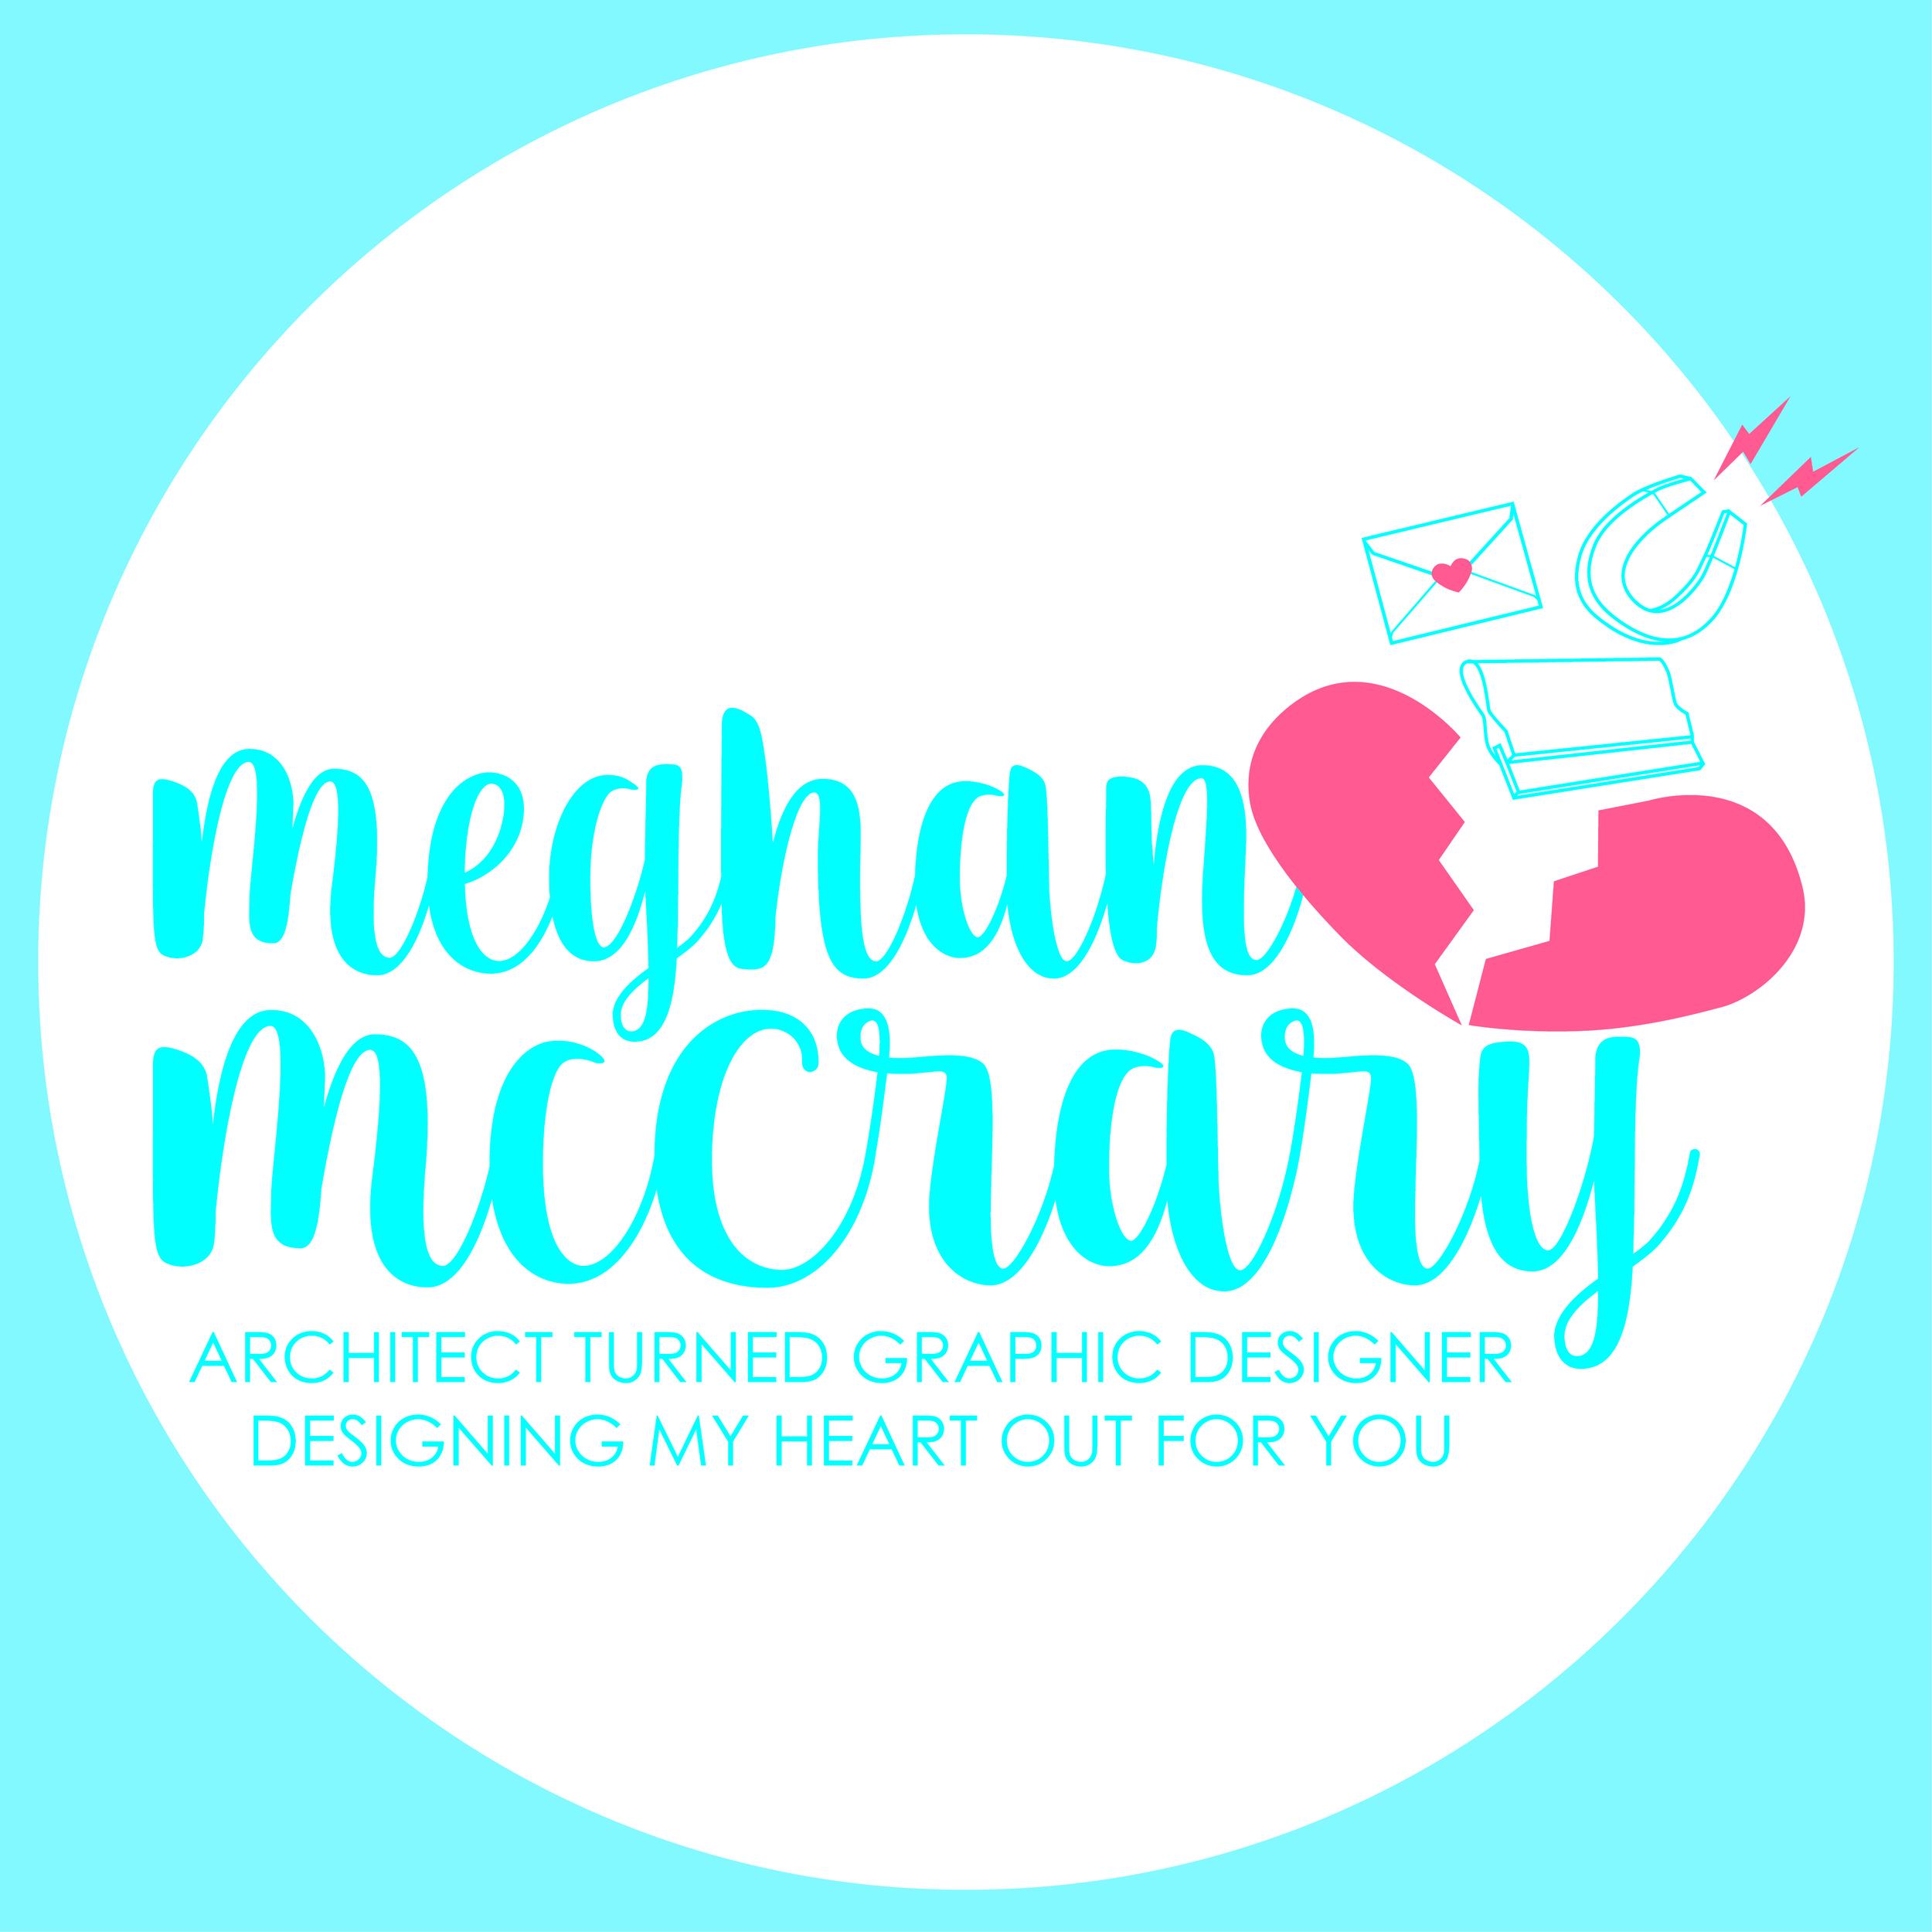 Meghan McCrary